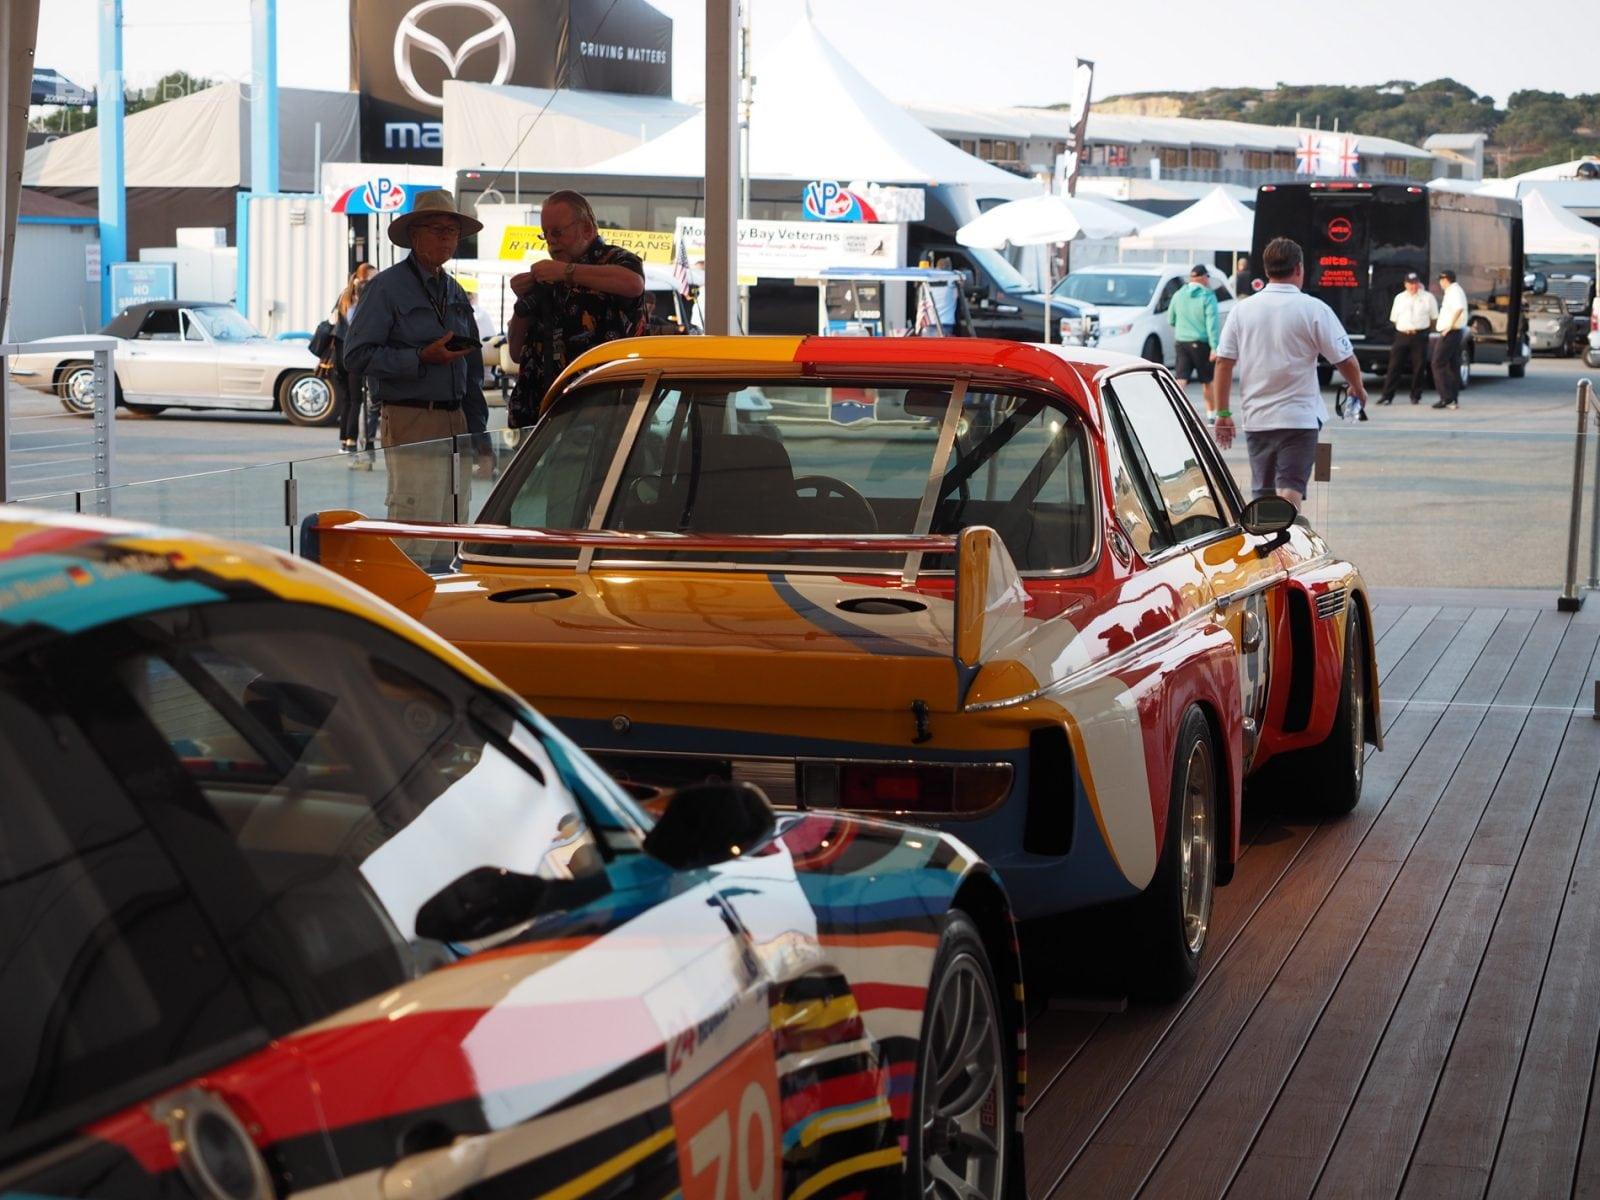 В 2010 году Джефф Кунс был привлечен в проект BMW Art Cars для работы над BMW M3 GT2.